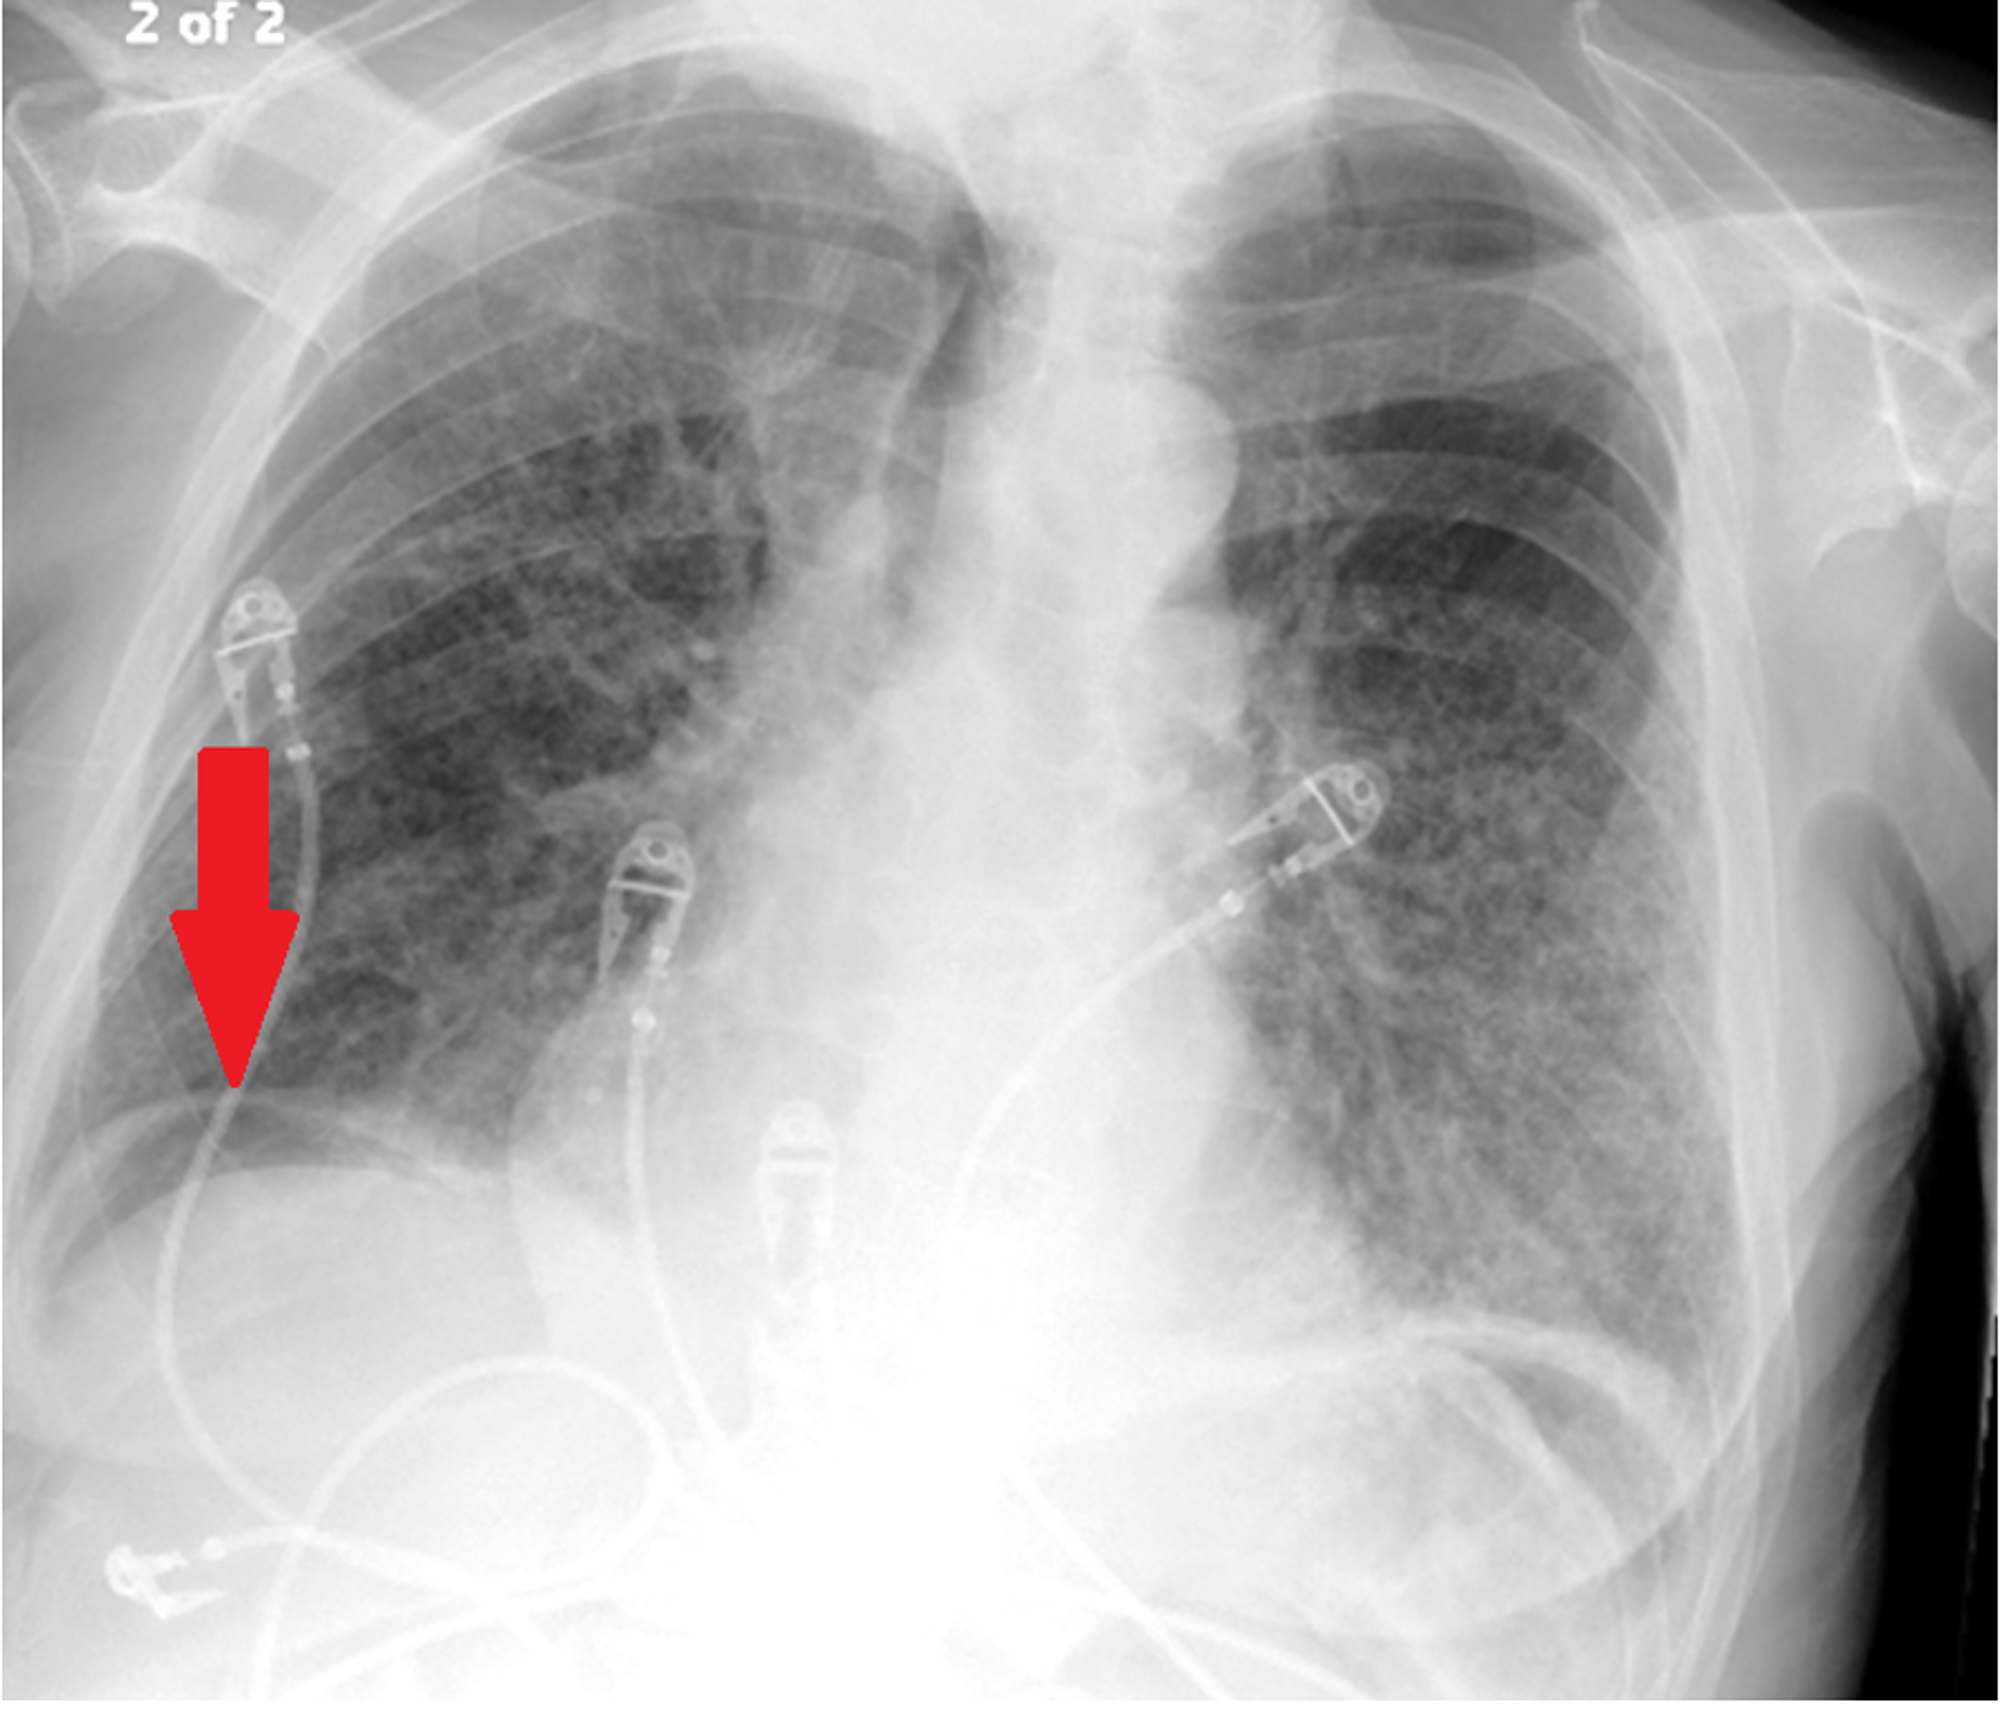 Cureus Non Surgical Pneumoperitoneum In The Setting Of Gram Negative Sepsis